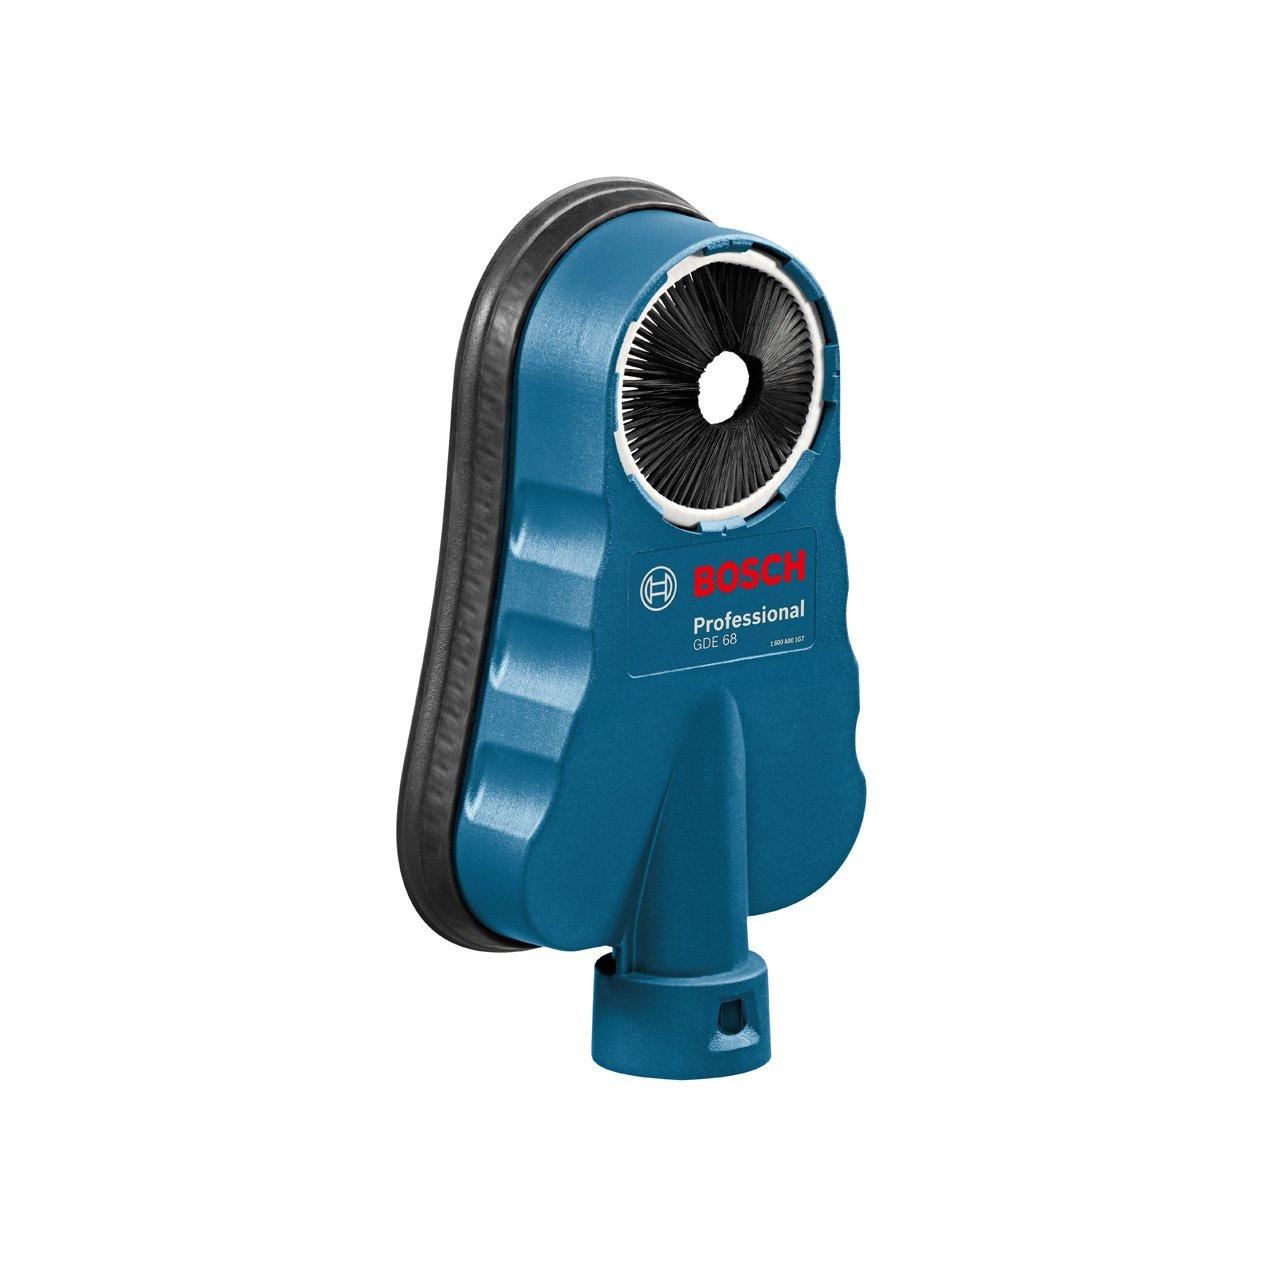 Bosch Professional GDE 68, allen bohrenden Gerä ten Kompatibel mit, max. 68 mm Bohrdurchmesser, 325 g Gewicht 1600A001G7